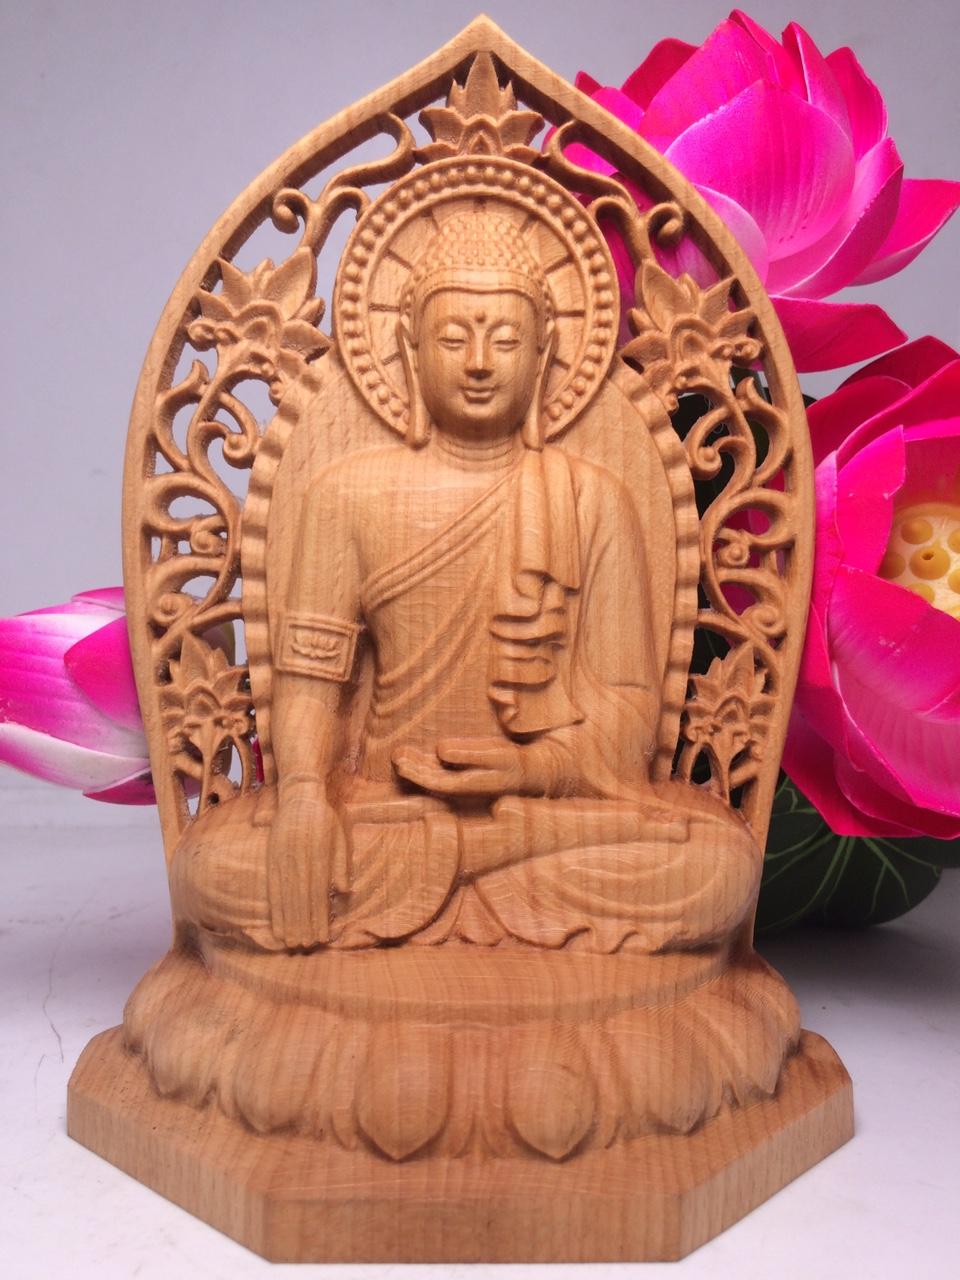 Hình ảnh tượng Đức Phật Thích Ca bằng gỗ